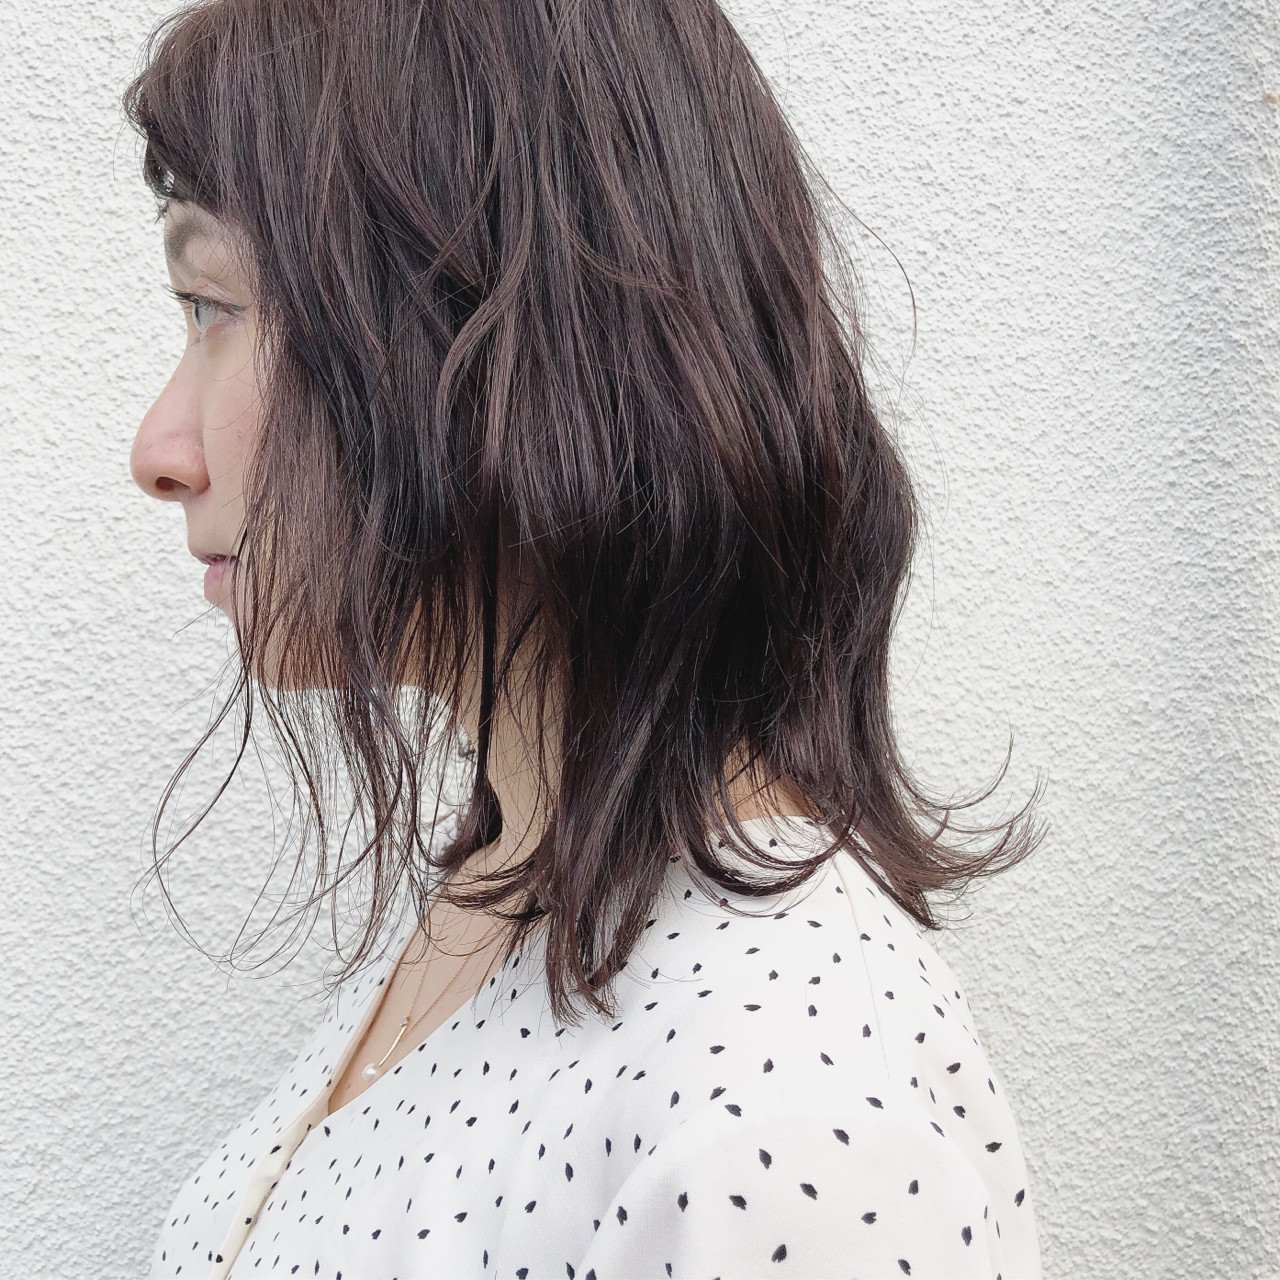 ナチュラル ミディアム こなれ感 外ハネ ヘアスタイルや髪型の写真・画像 | 篠崎 佑介 / ticro.